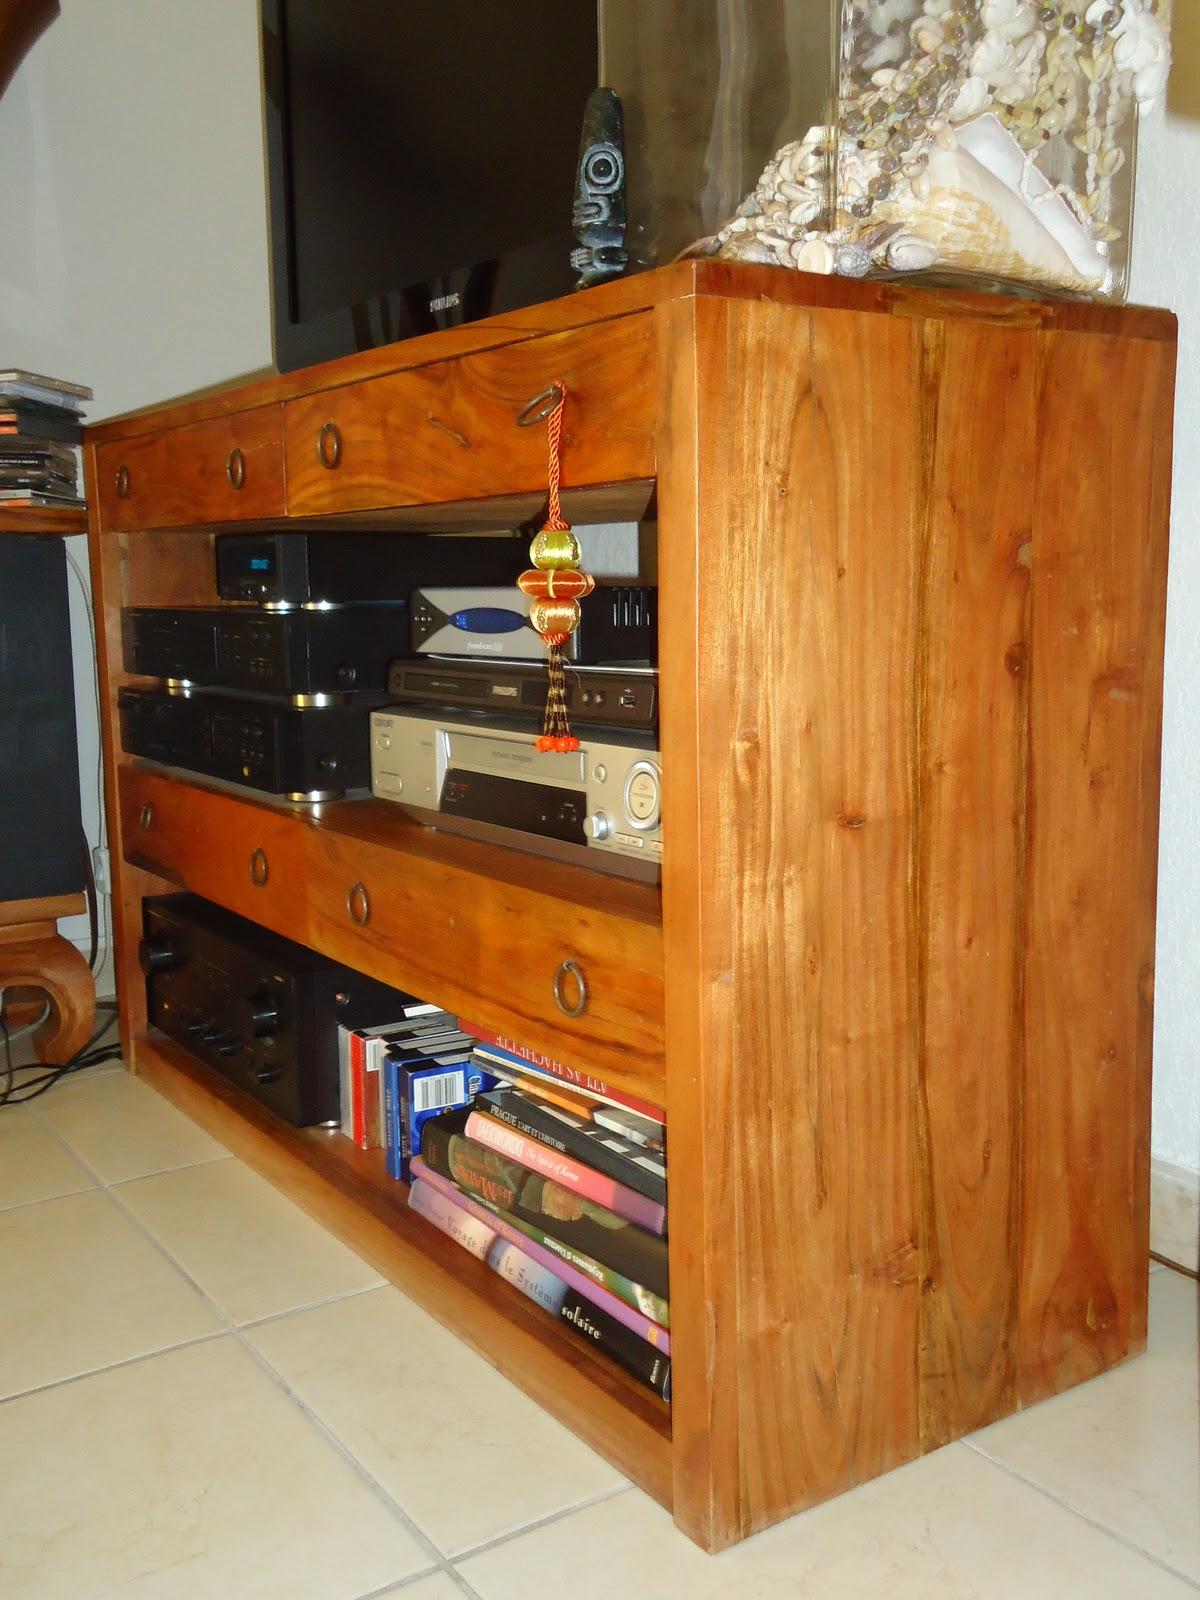 Bois et chiffons catalogue meubles for Trans meubles 83